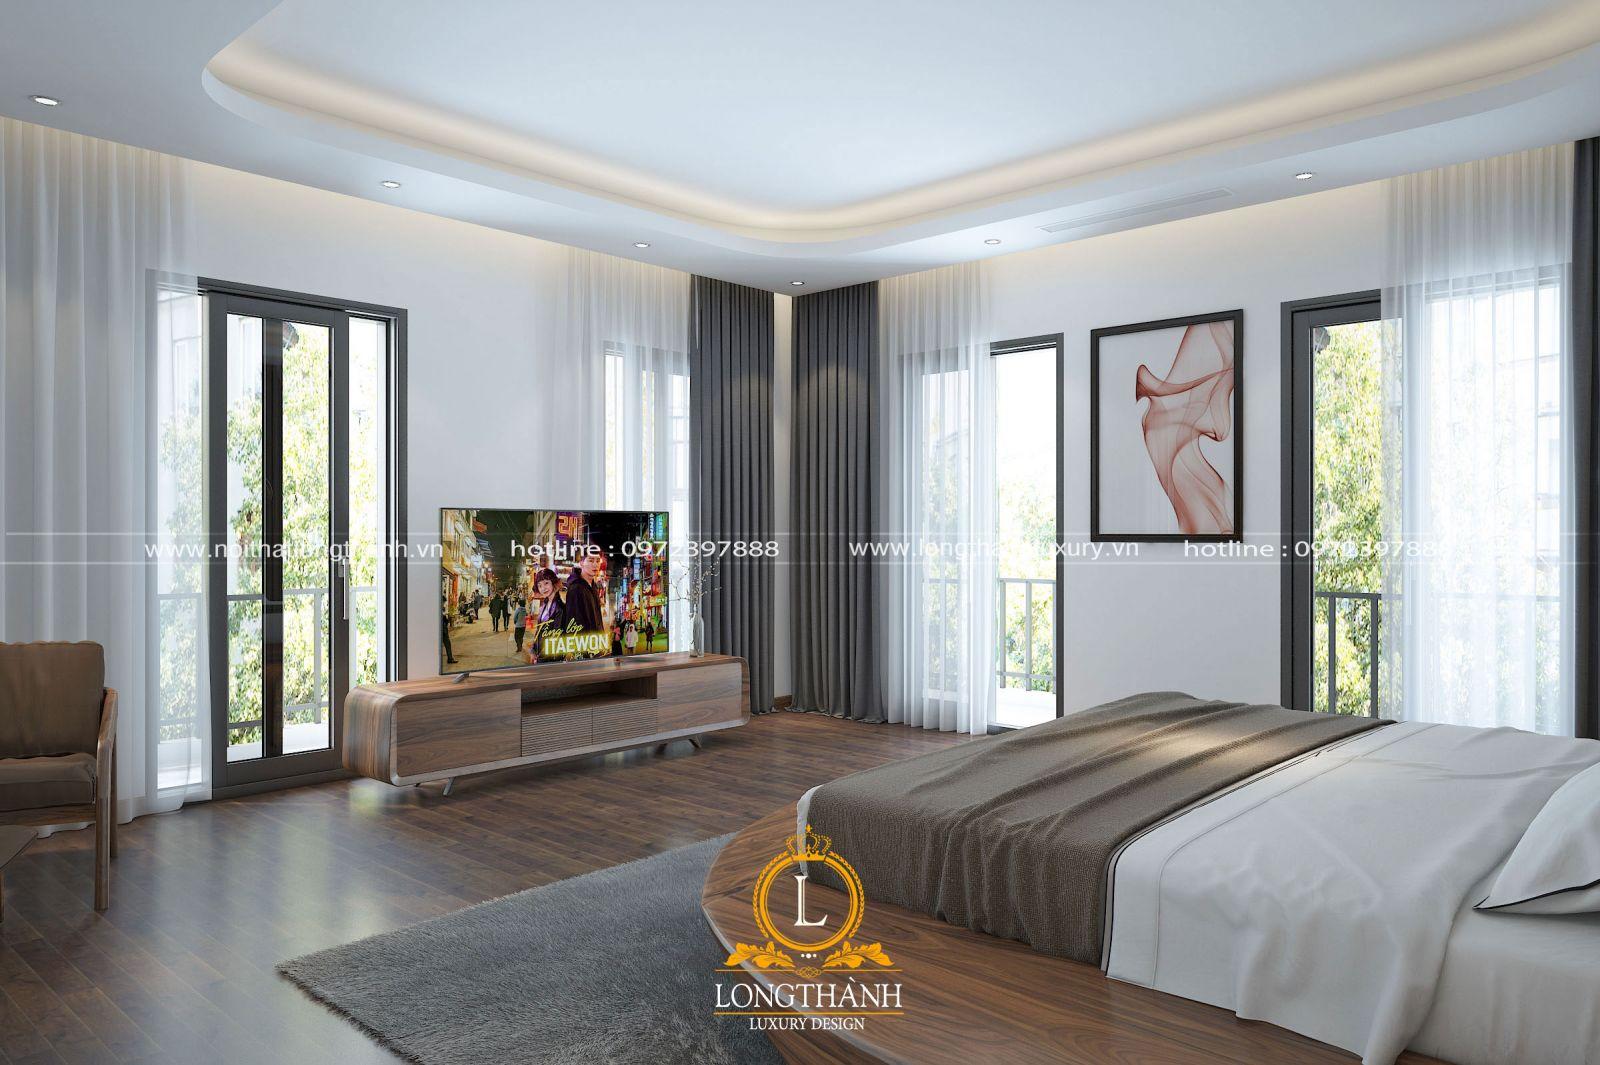 Ánh sáng là một phần vô cùng quan trọng trong phòng ngủ hiện đại